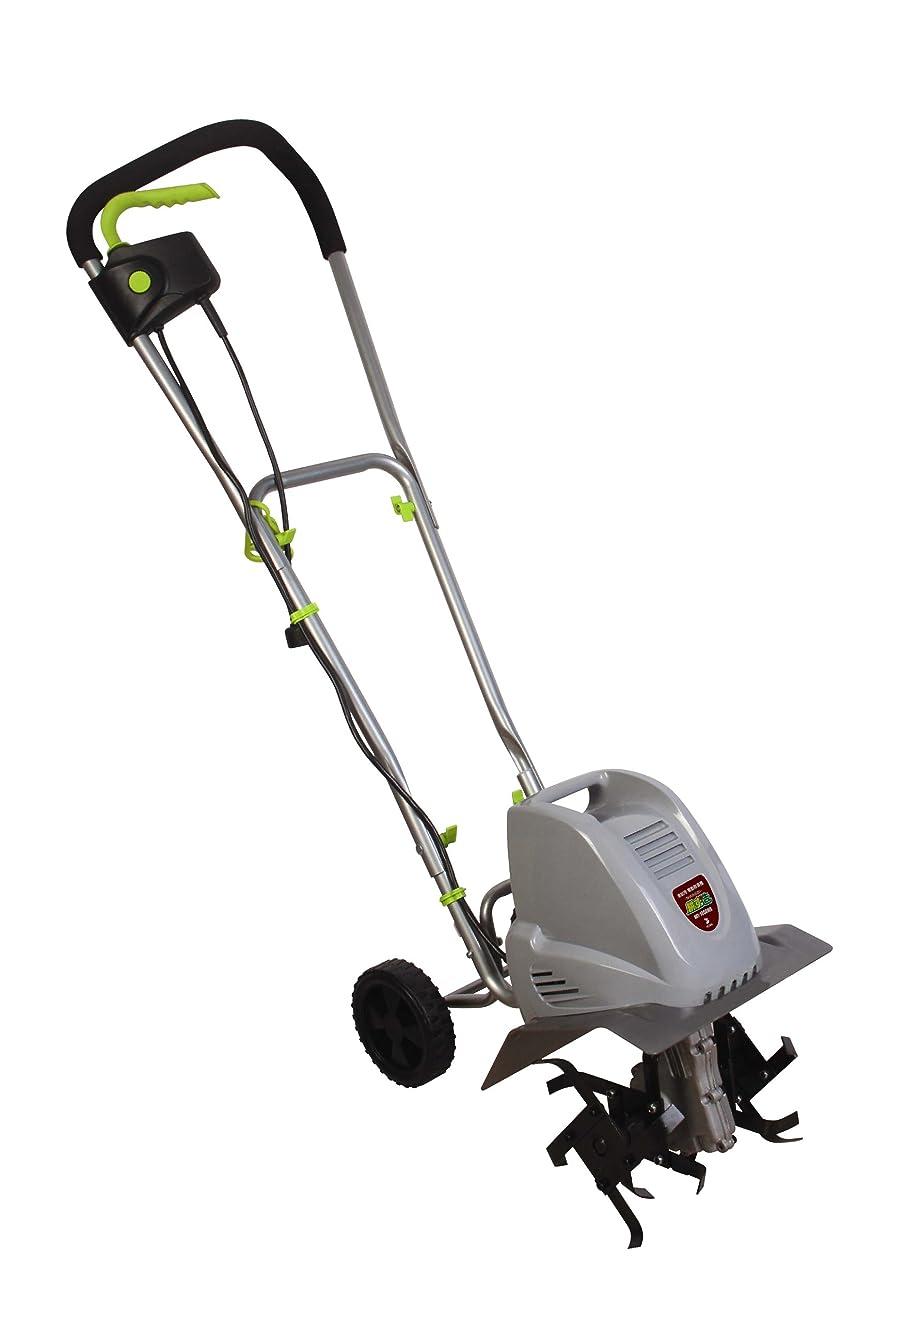 キャラクター寺院逆さまにアルミス 耕運機 AKTシリーズ AKT-1050WR お庭や畑を耕すことができます グレー 本体: 奥行39cm 本体: 高さ110cm 本体: 幅93cm